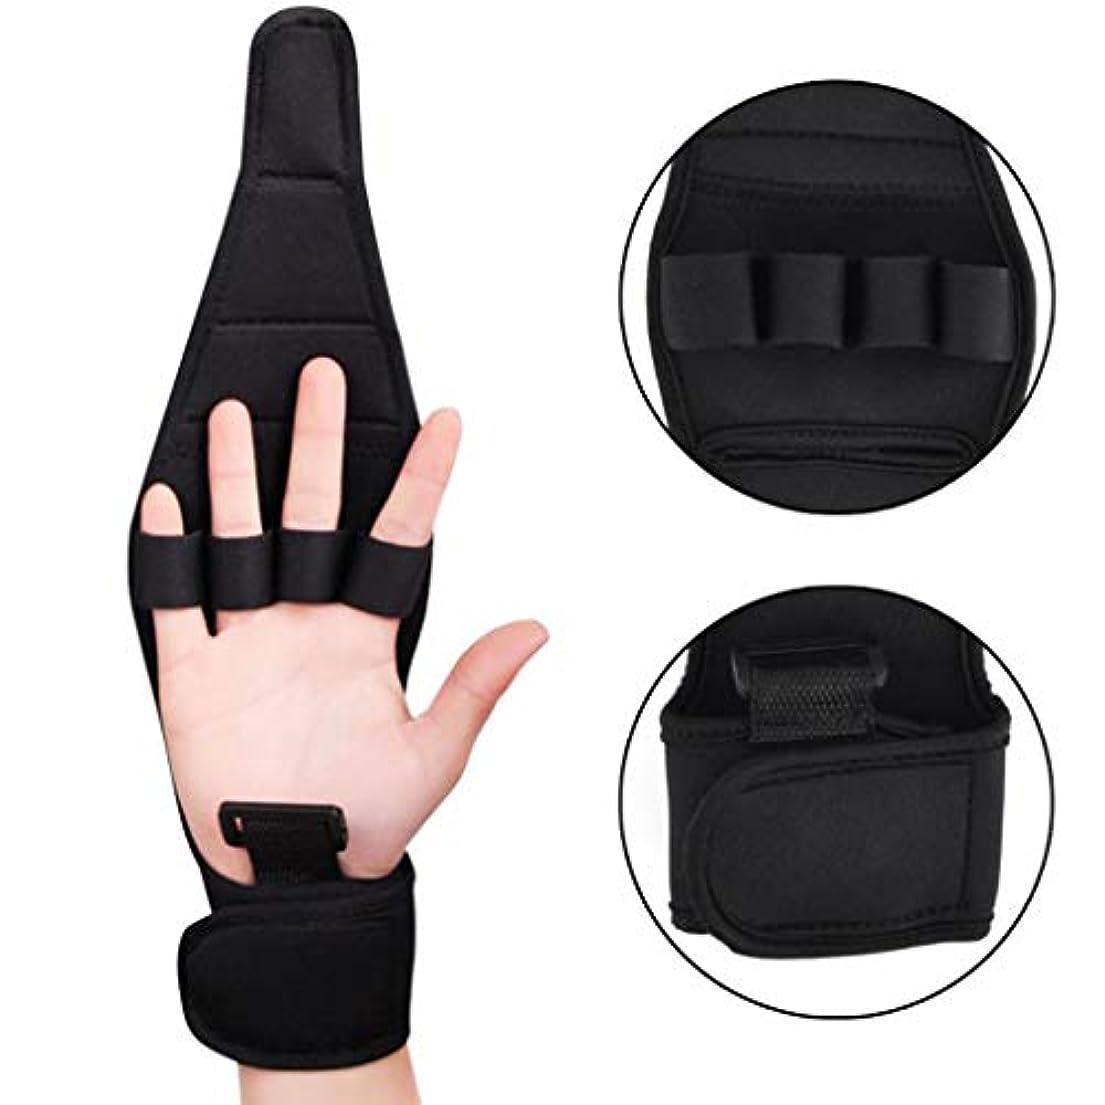 寛大さ傾斜終了しました指の分離器 - 年配の片麻痺の指のリハビリテーションの訓練のために適した回復添え木の共同苦痛の訂正者,1pcs